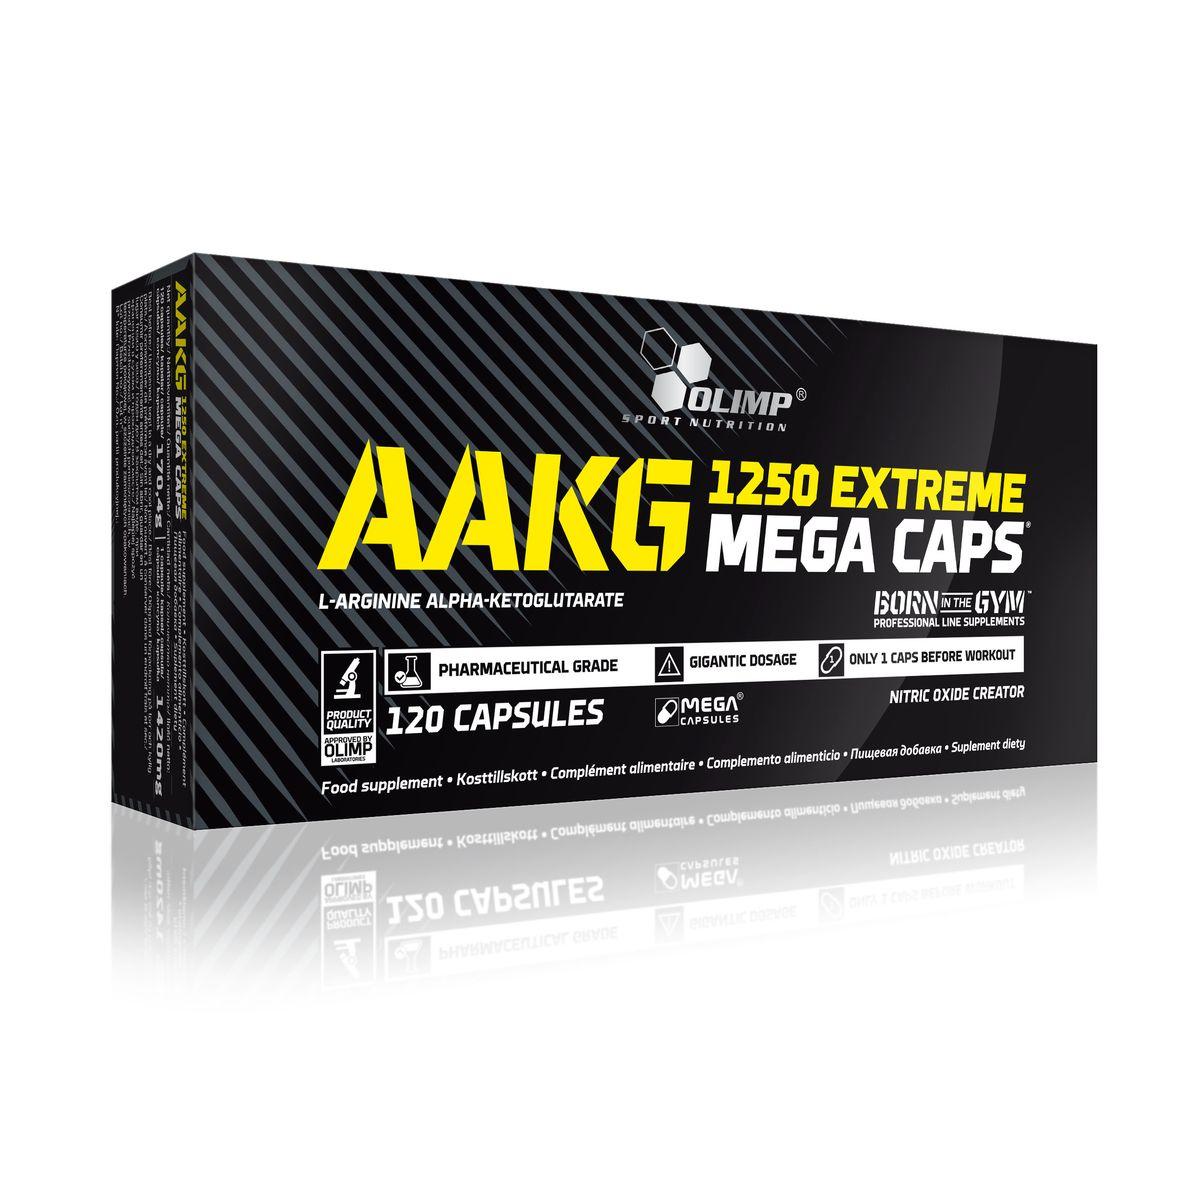 Аминокислотный комплекс Olimp Sport Nutrition ААКГ Mega Caps 1250, 120 капсул креатин olimp sport nutrition mega caps 120 капсул